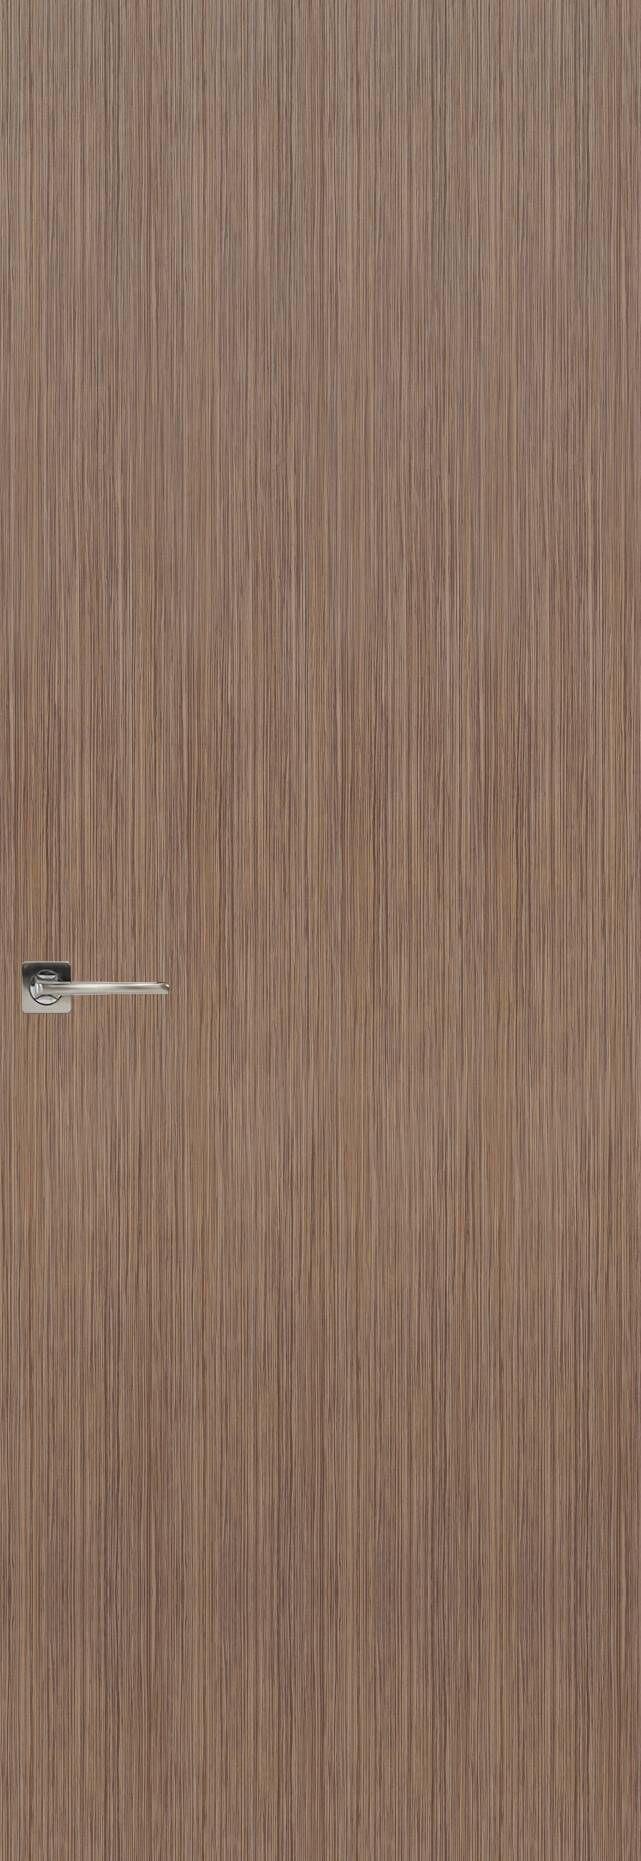 Tivoli А-1 Невидимка цвет - Орех Без стекла (ДГ)